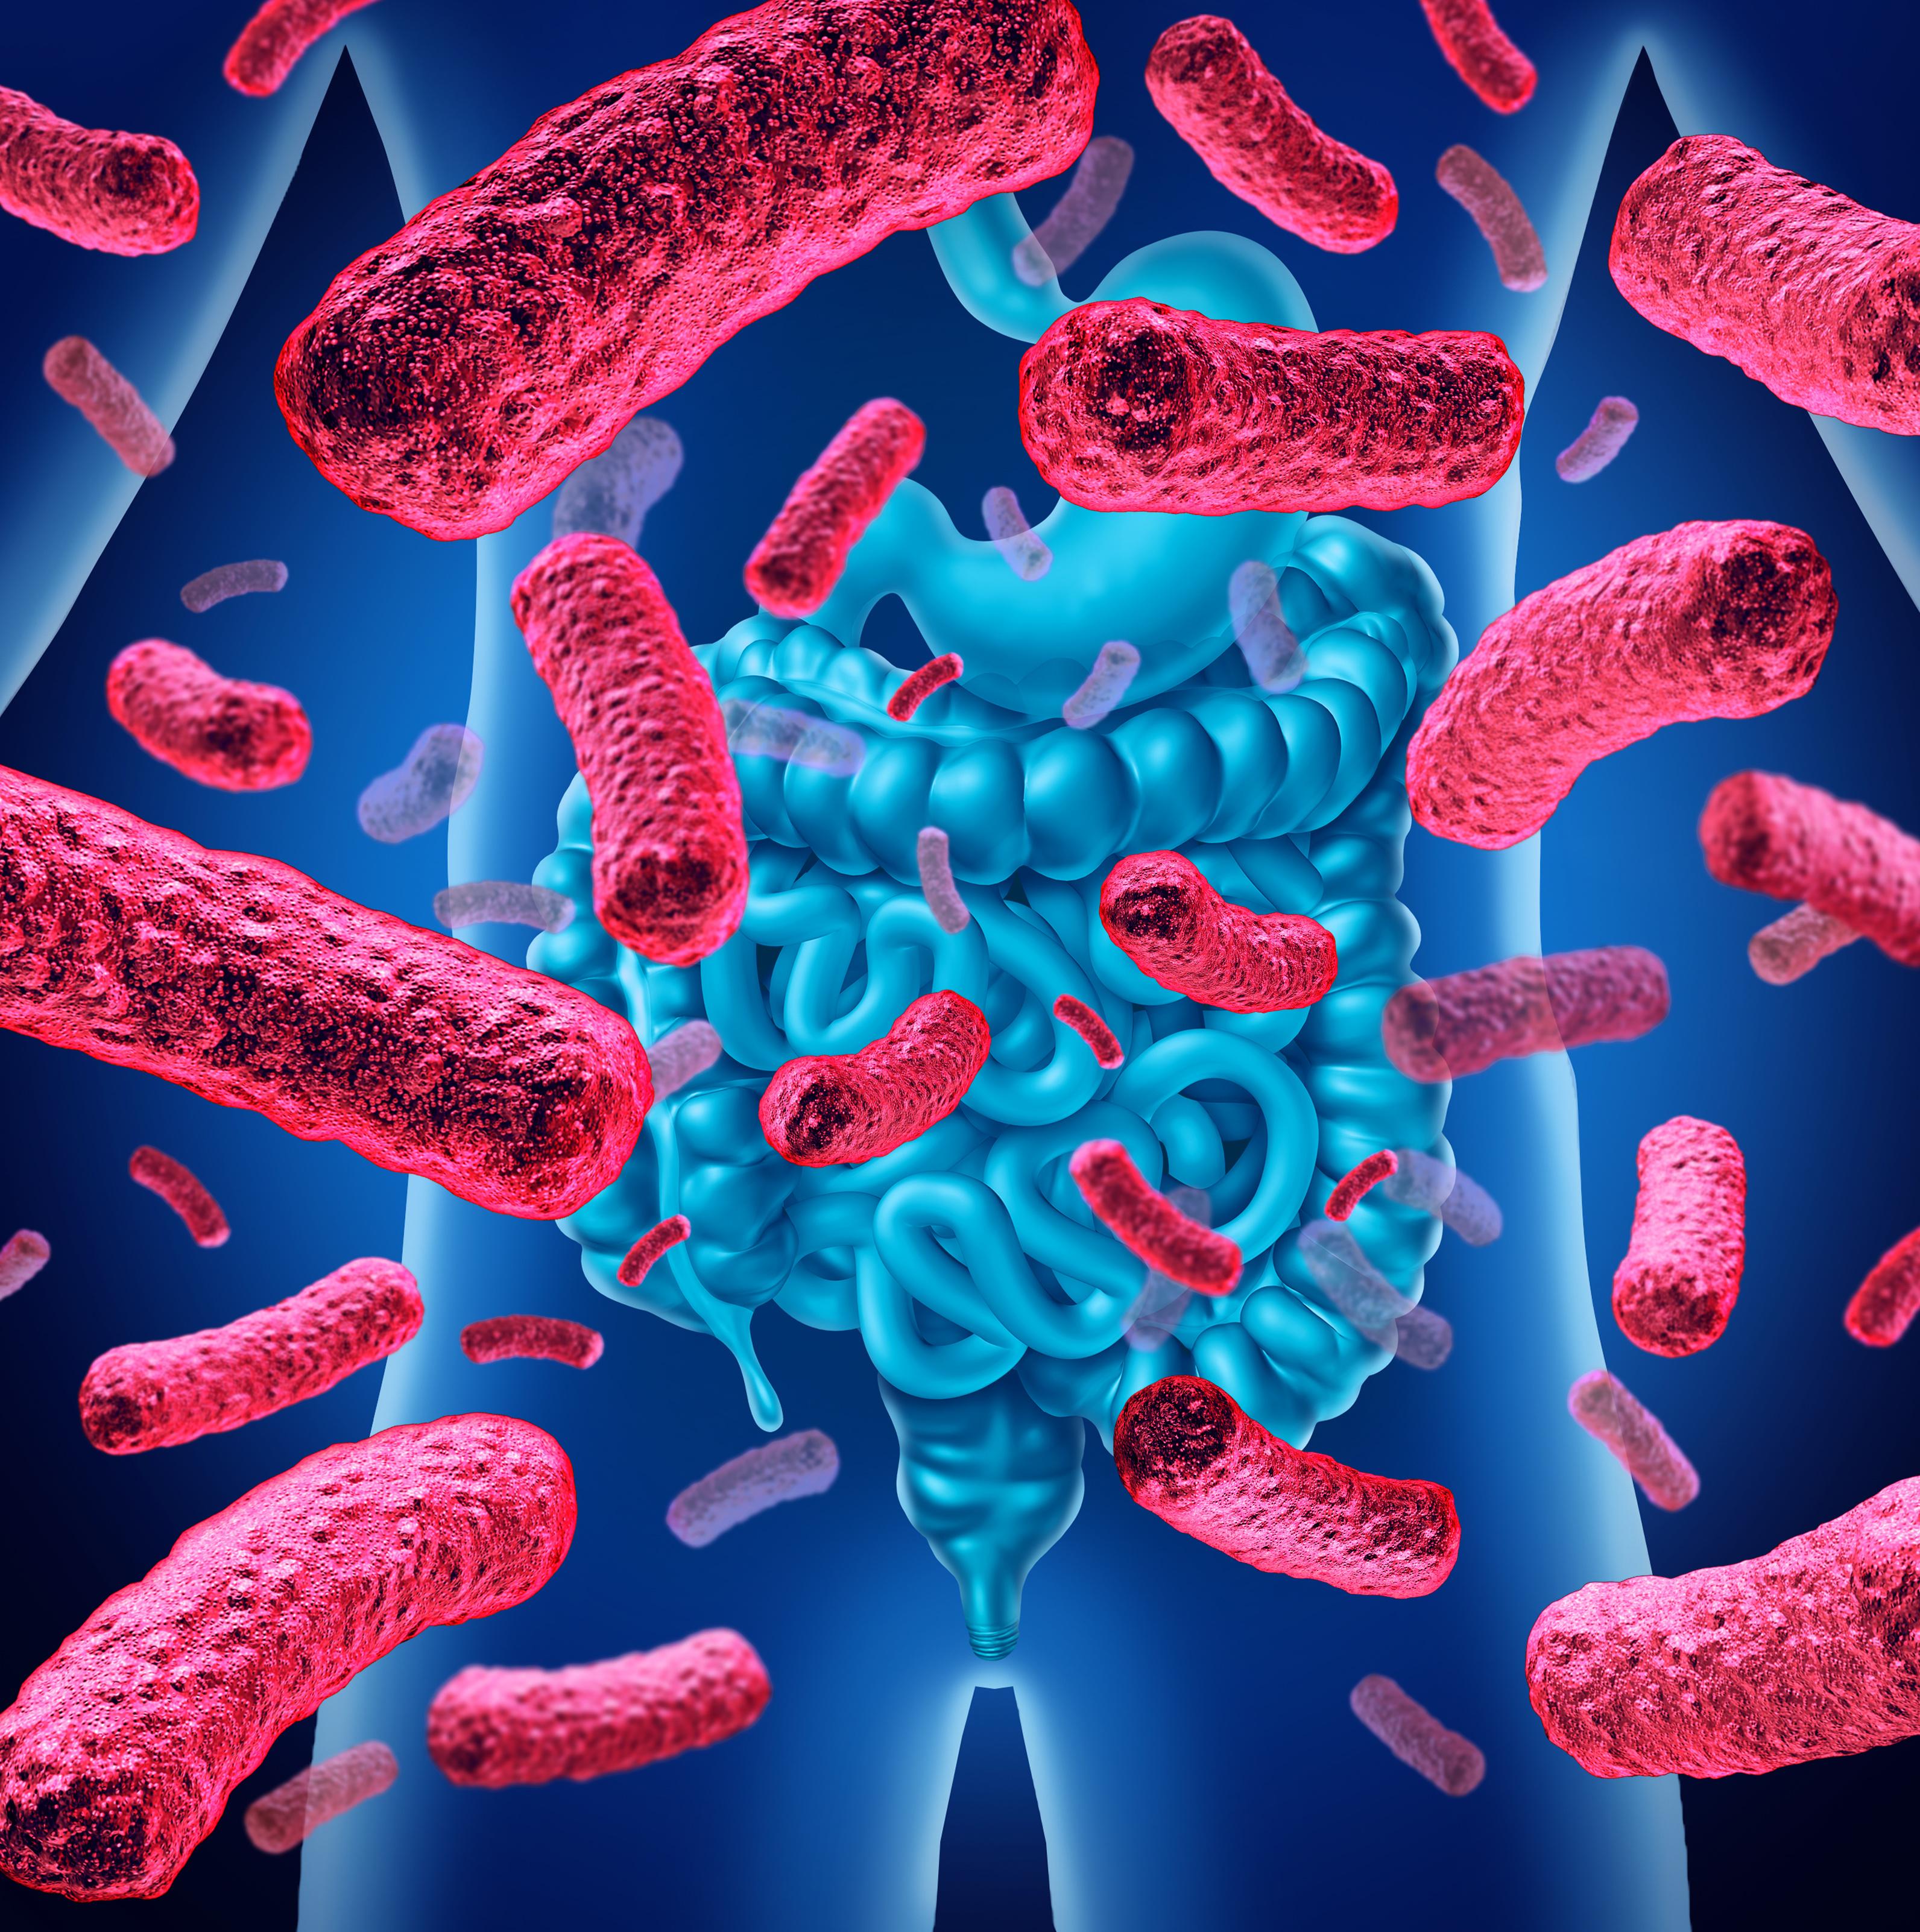 Cibler le microbiote intestinal pourrait constituer un moyen efficace de s'attaquer à la modification de l'axe intestin-cerveau